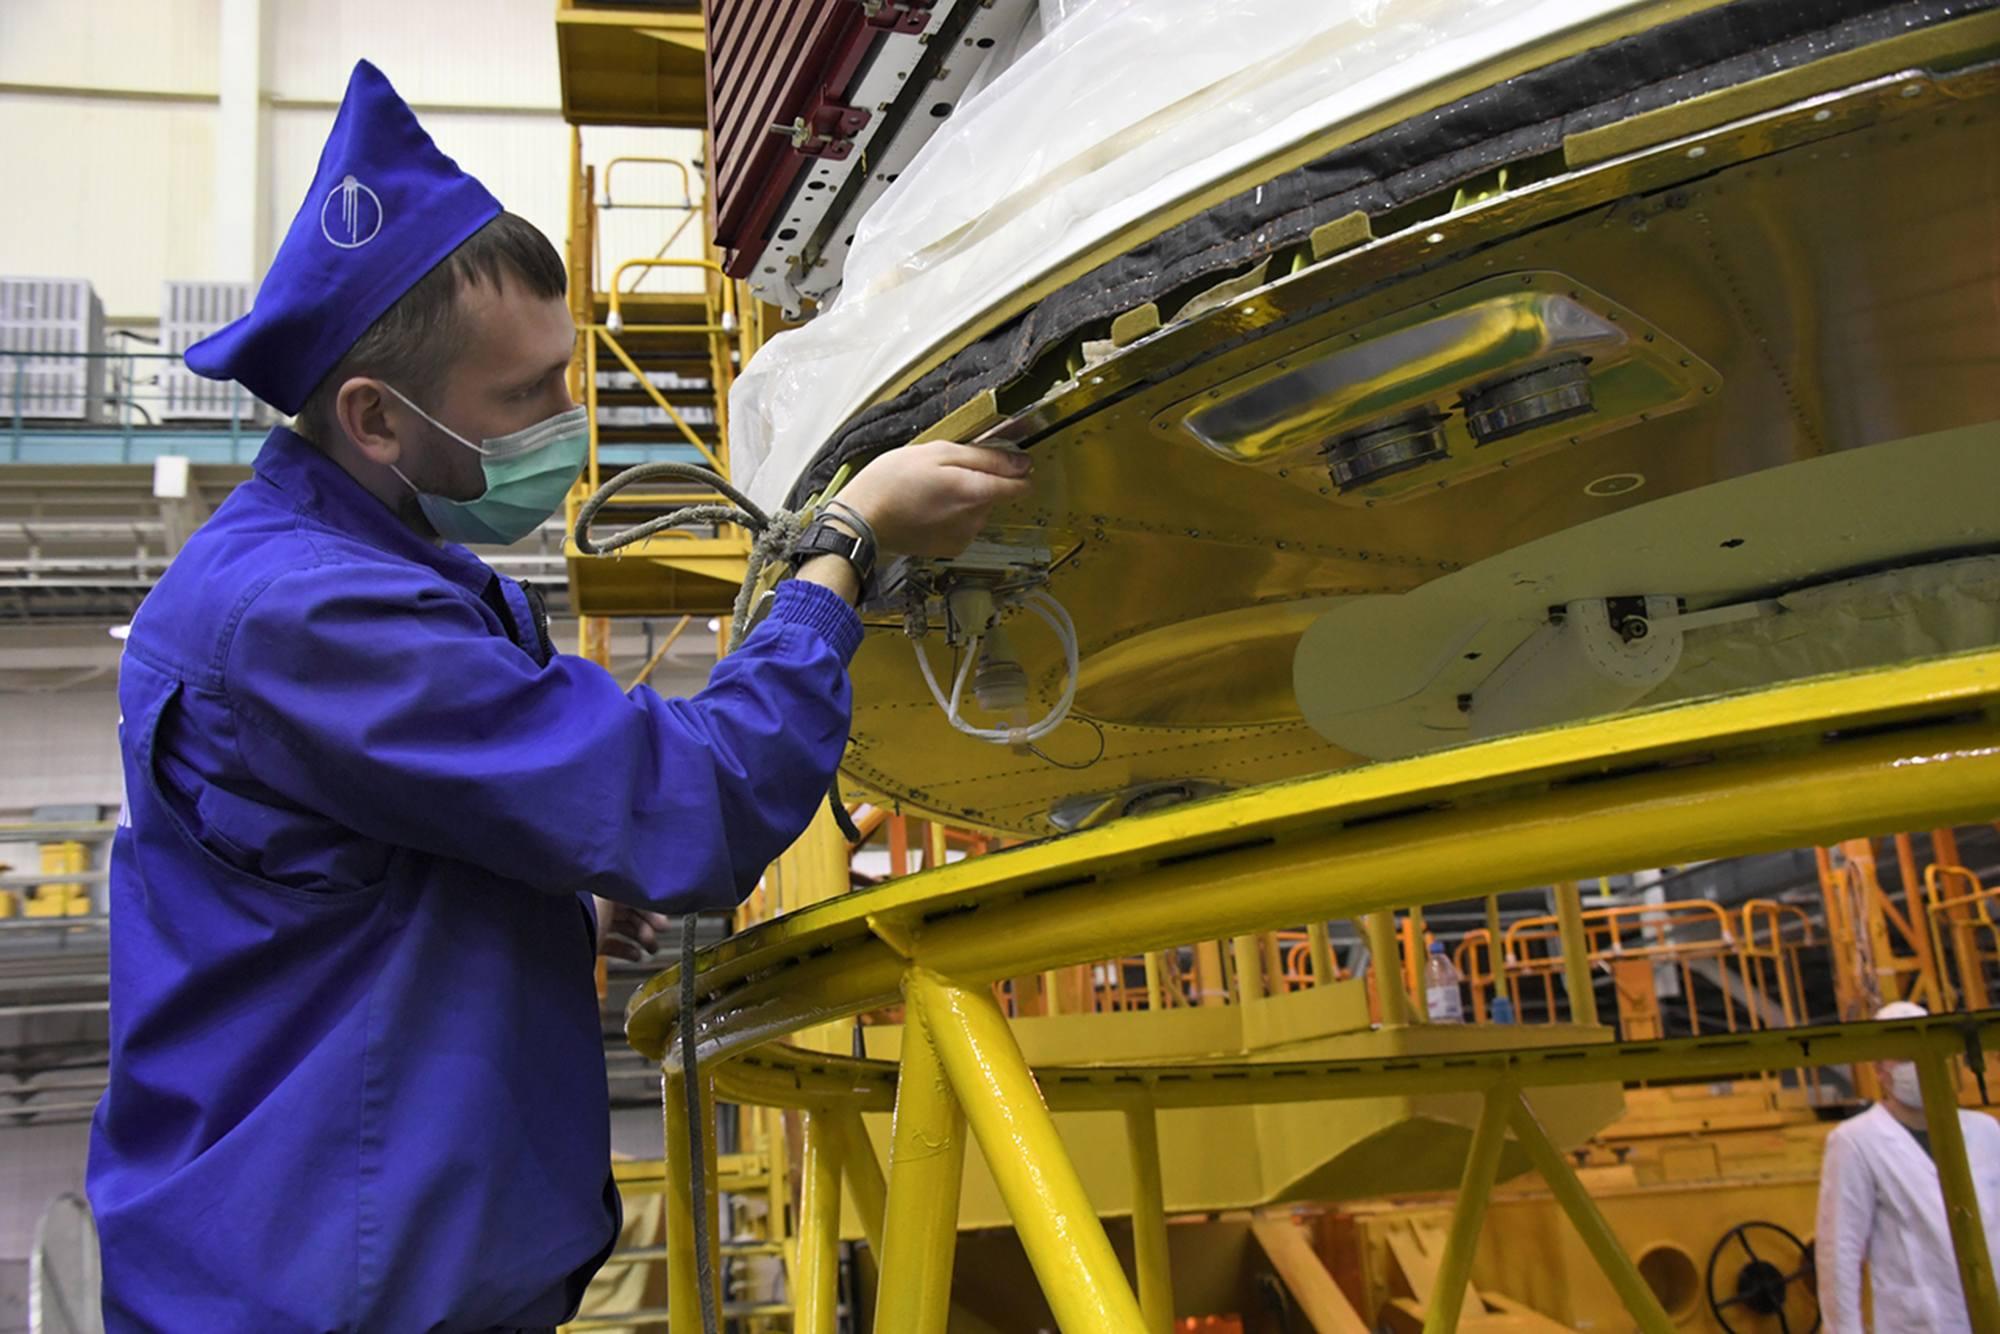 Un personnel d'Energuya aide à installer le cargo sur son support.